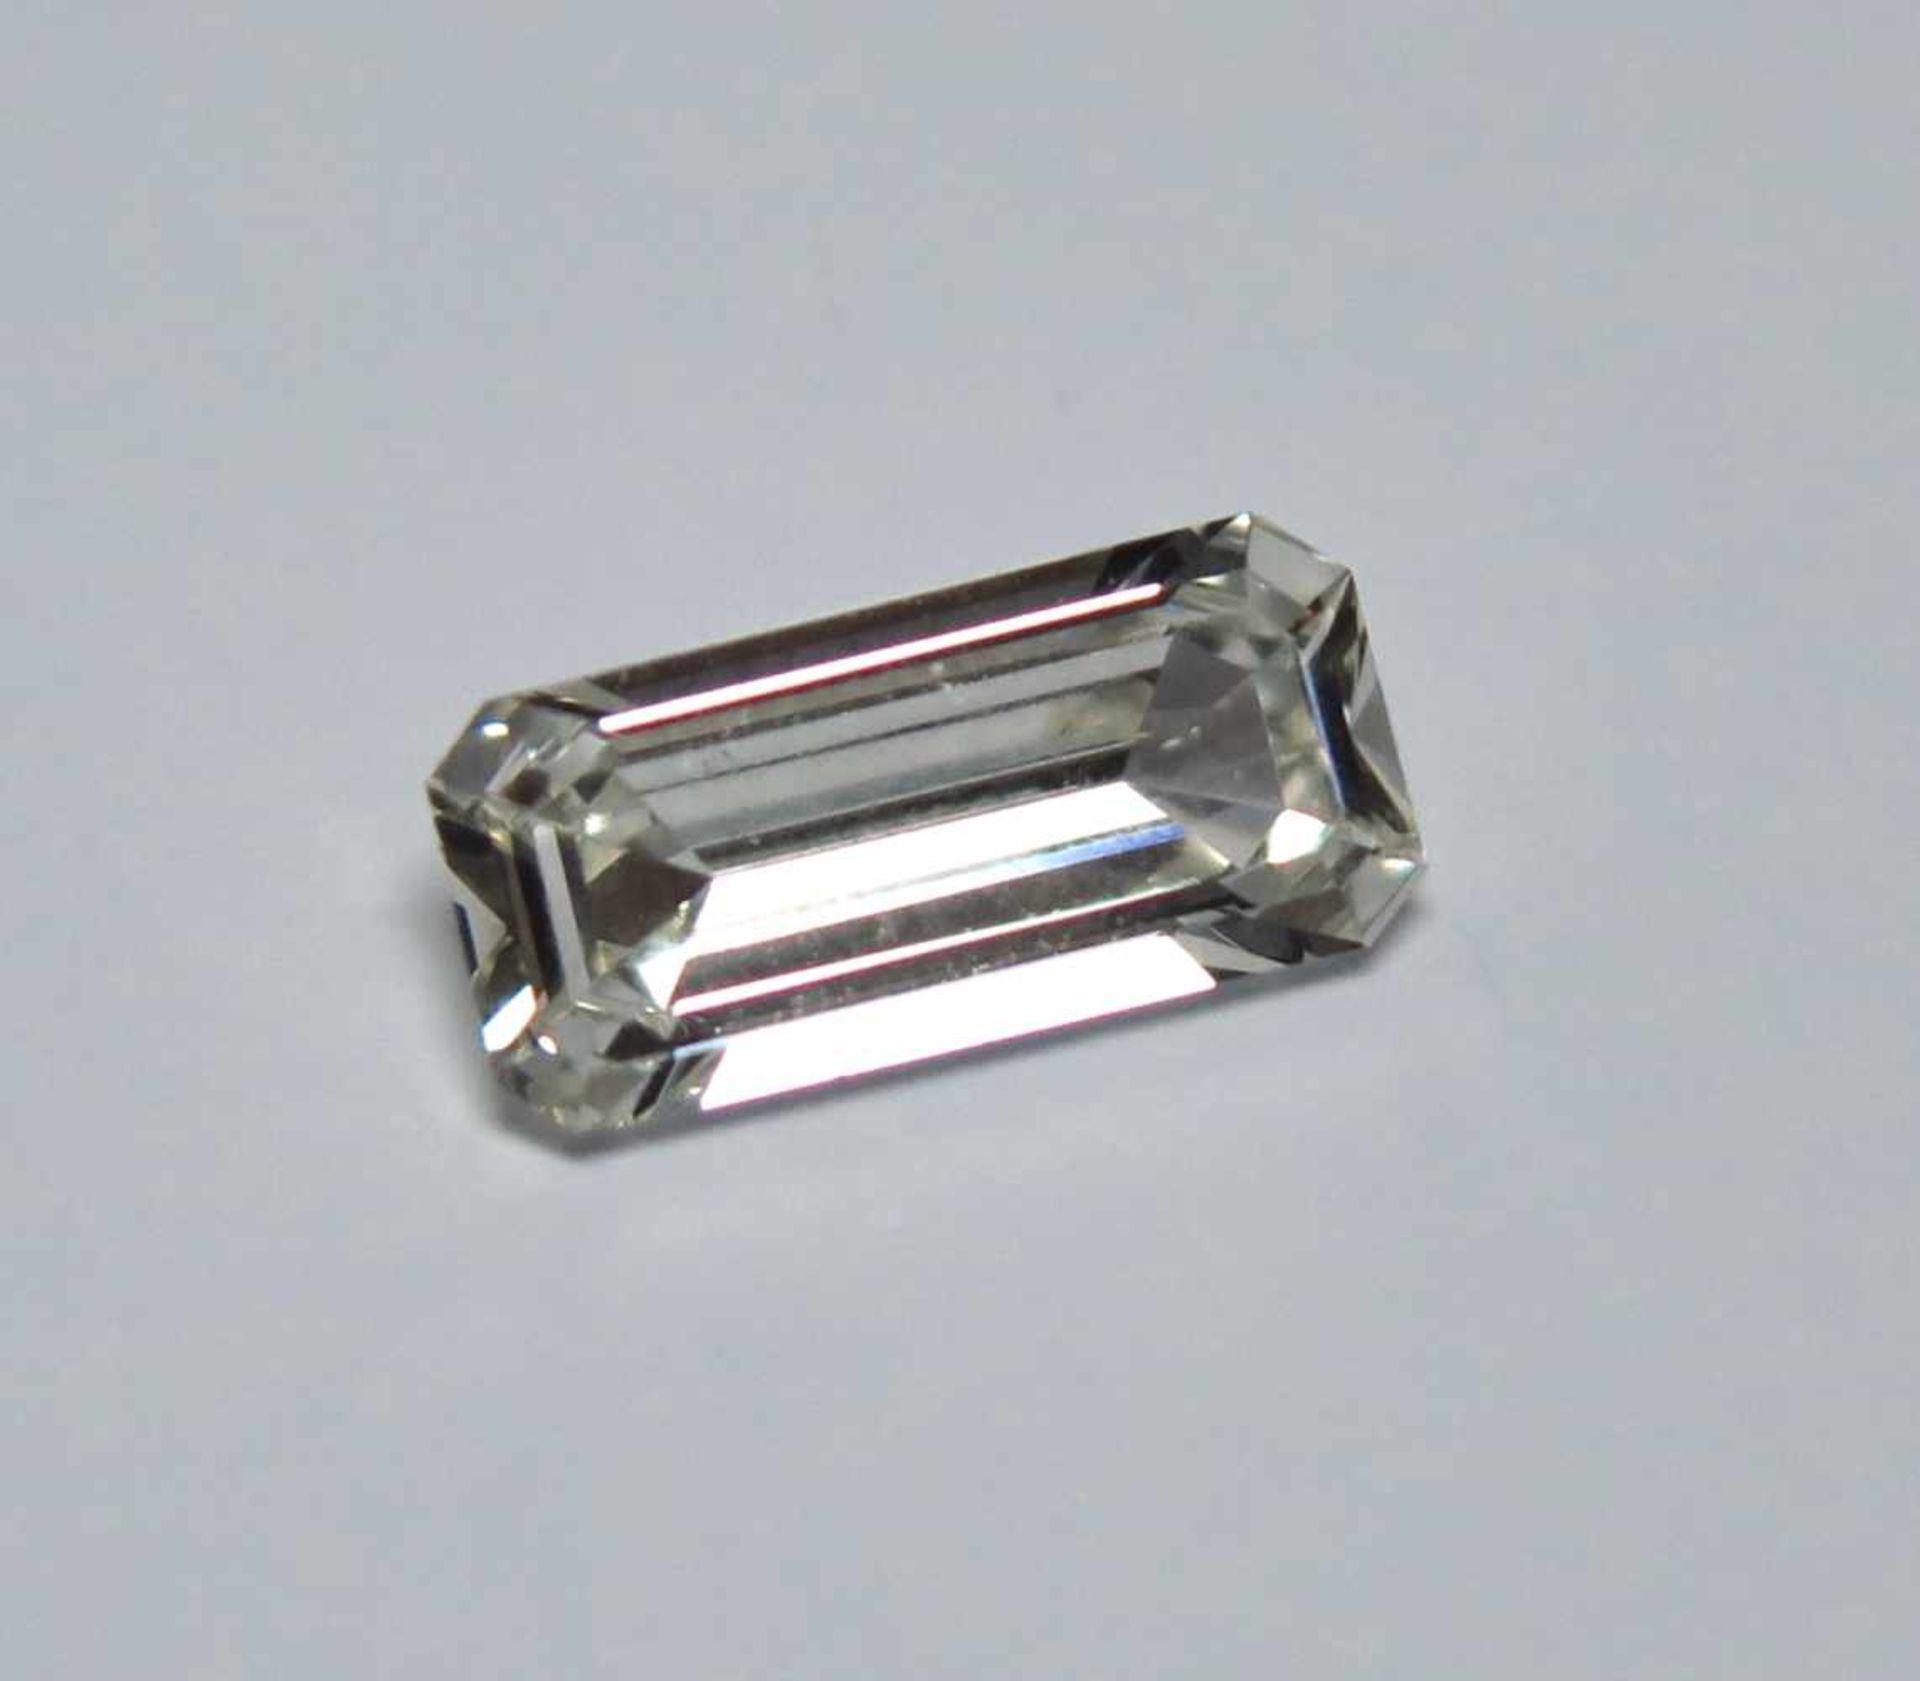 Diamant de taille émeraude sur papier de 2.20 cts. (Très bonne qualité).